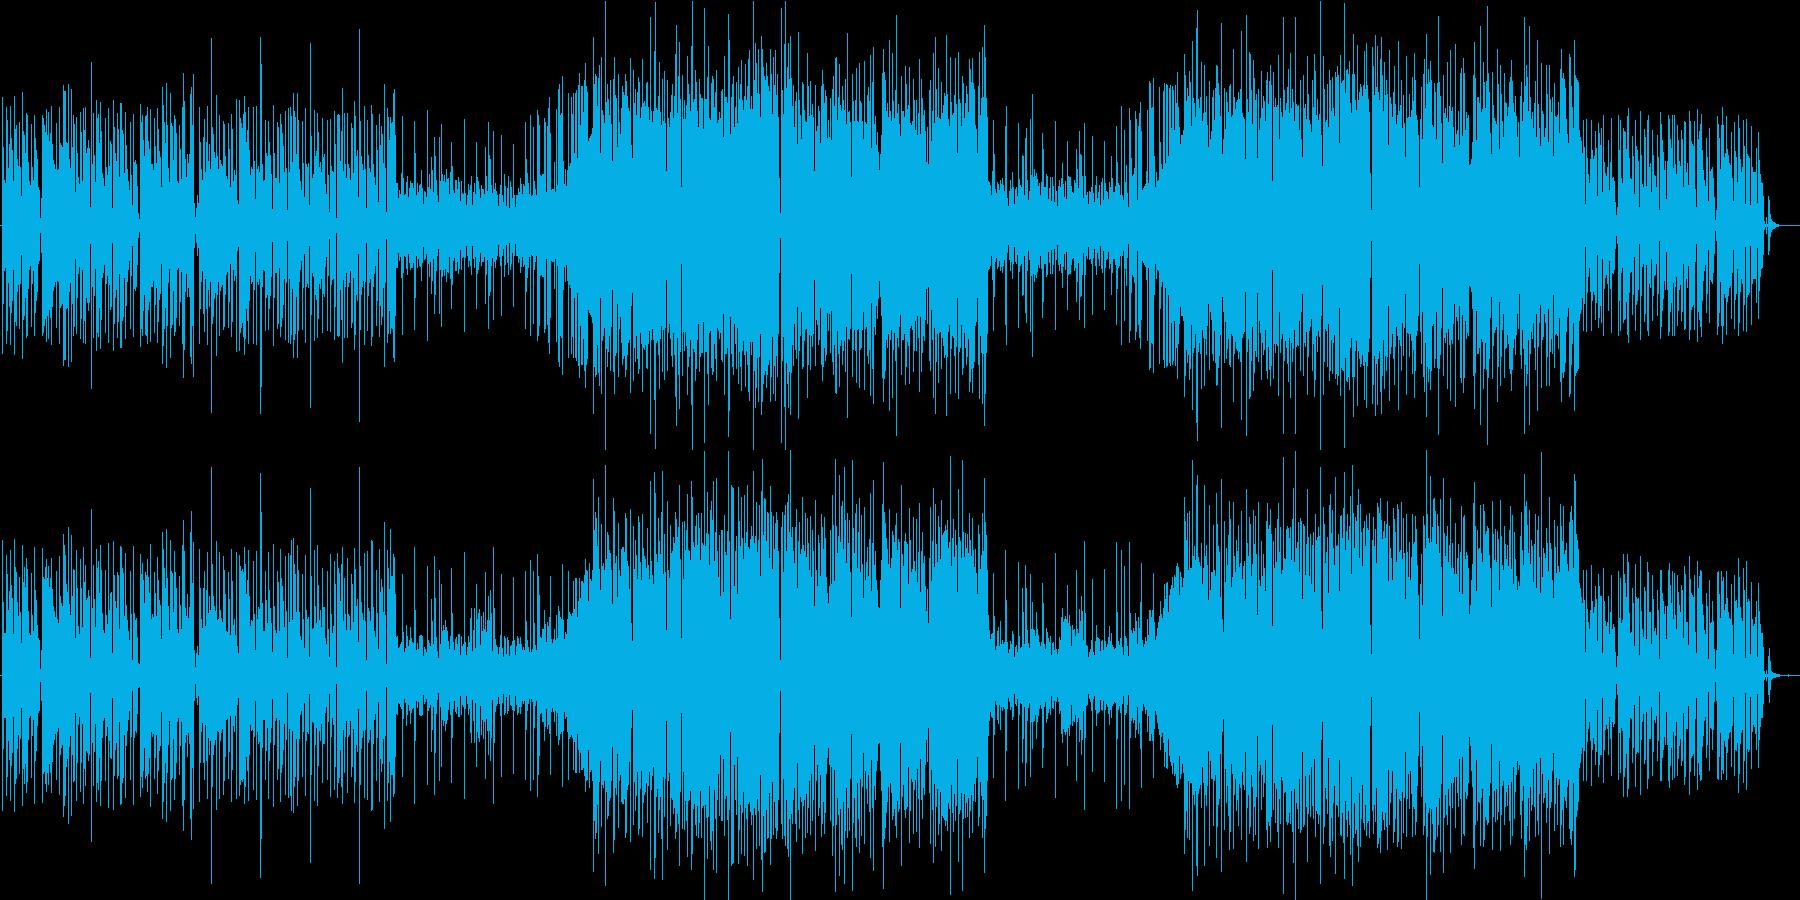 インパクト個性的かっこいいレゲトンEDMの再生済みの波形